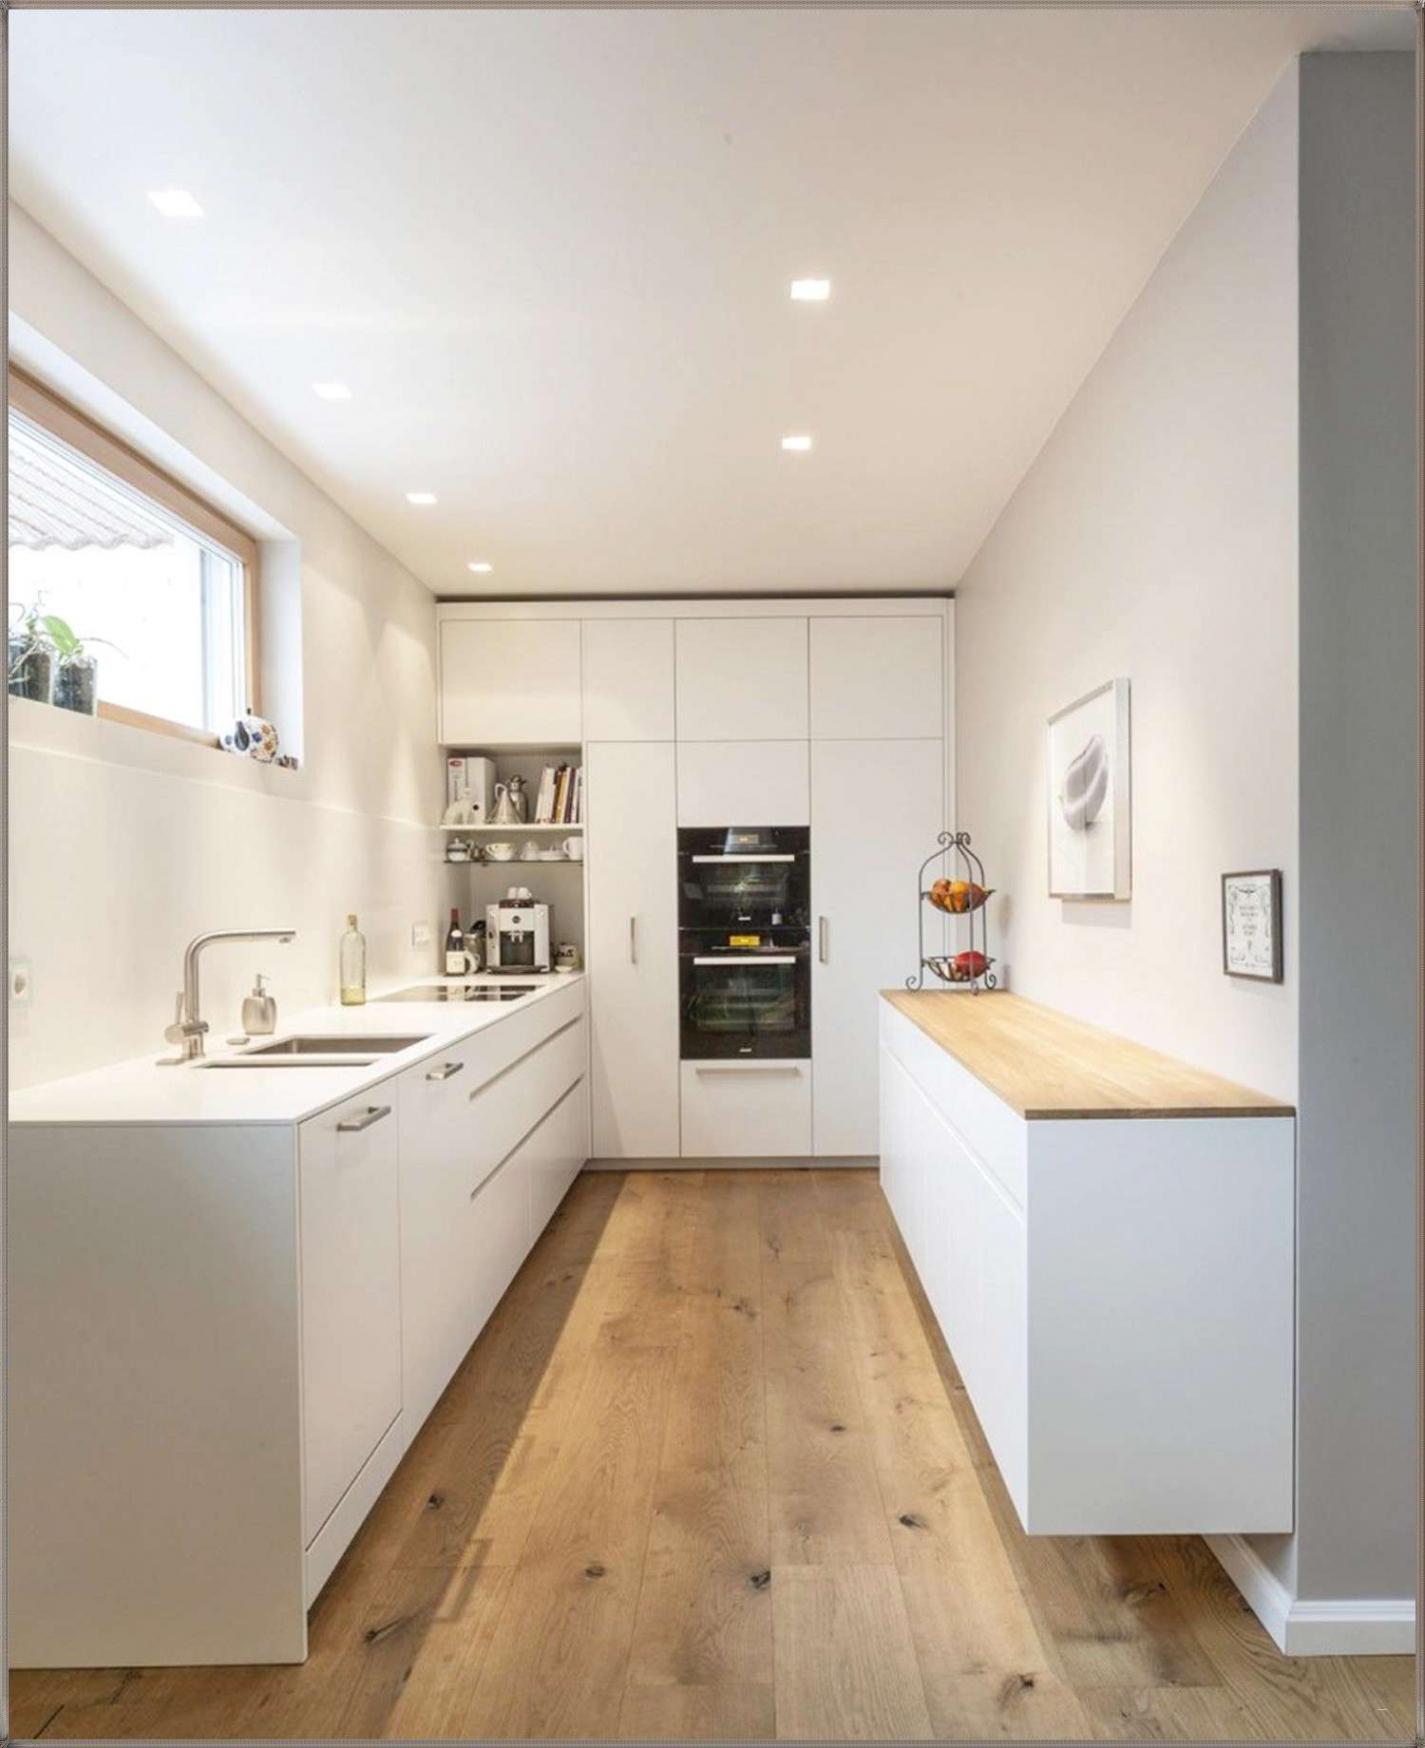 45 luxus deko ideen kuche galerie kleine kuche ideen kleine kuche ideen 2